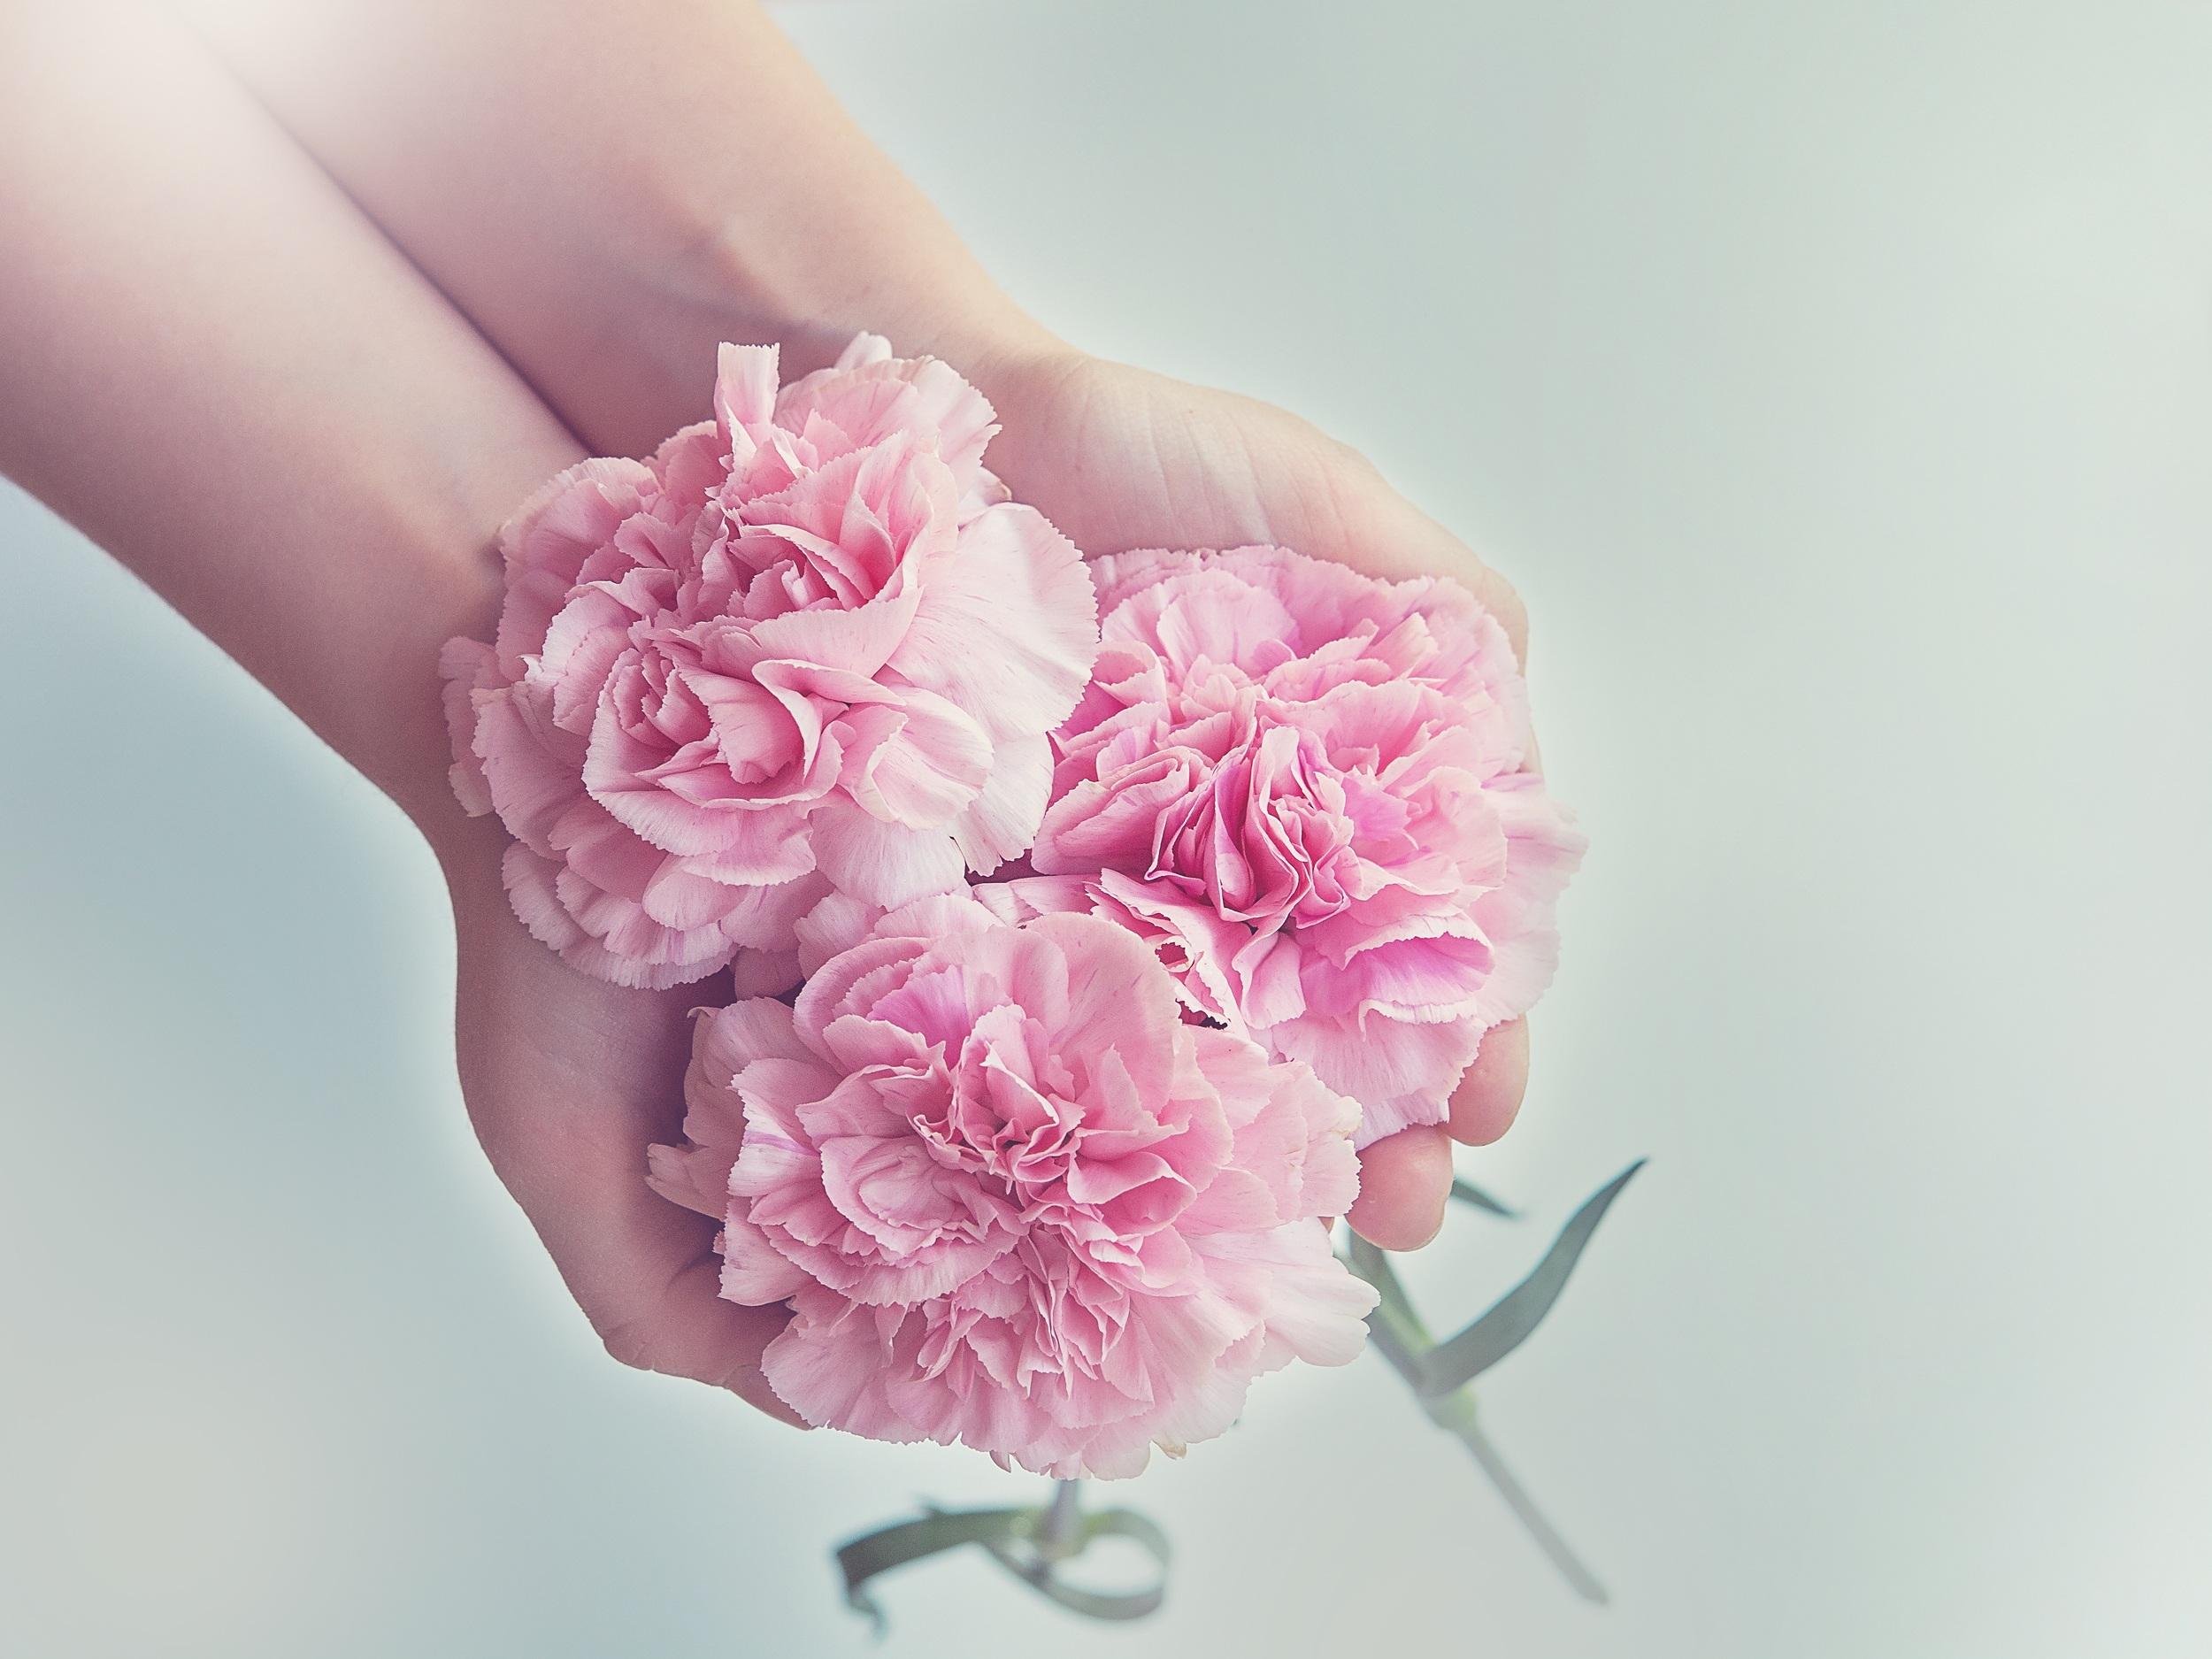 Открытки букет цветов в руке, написать открытку английском